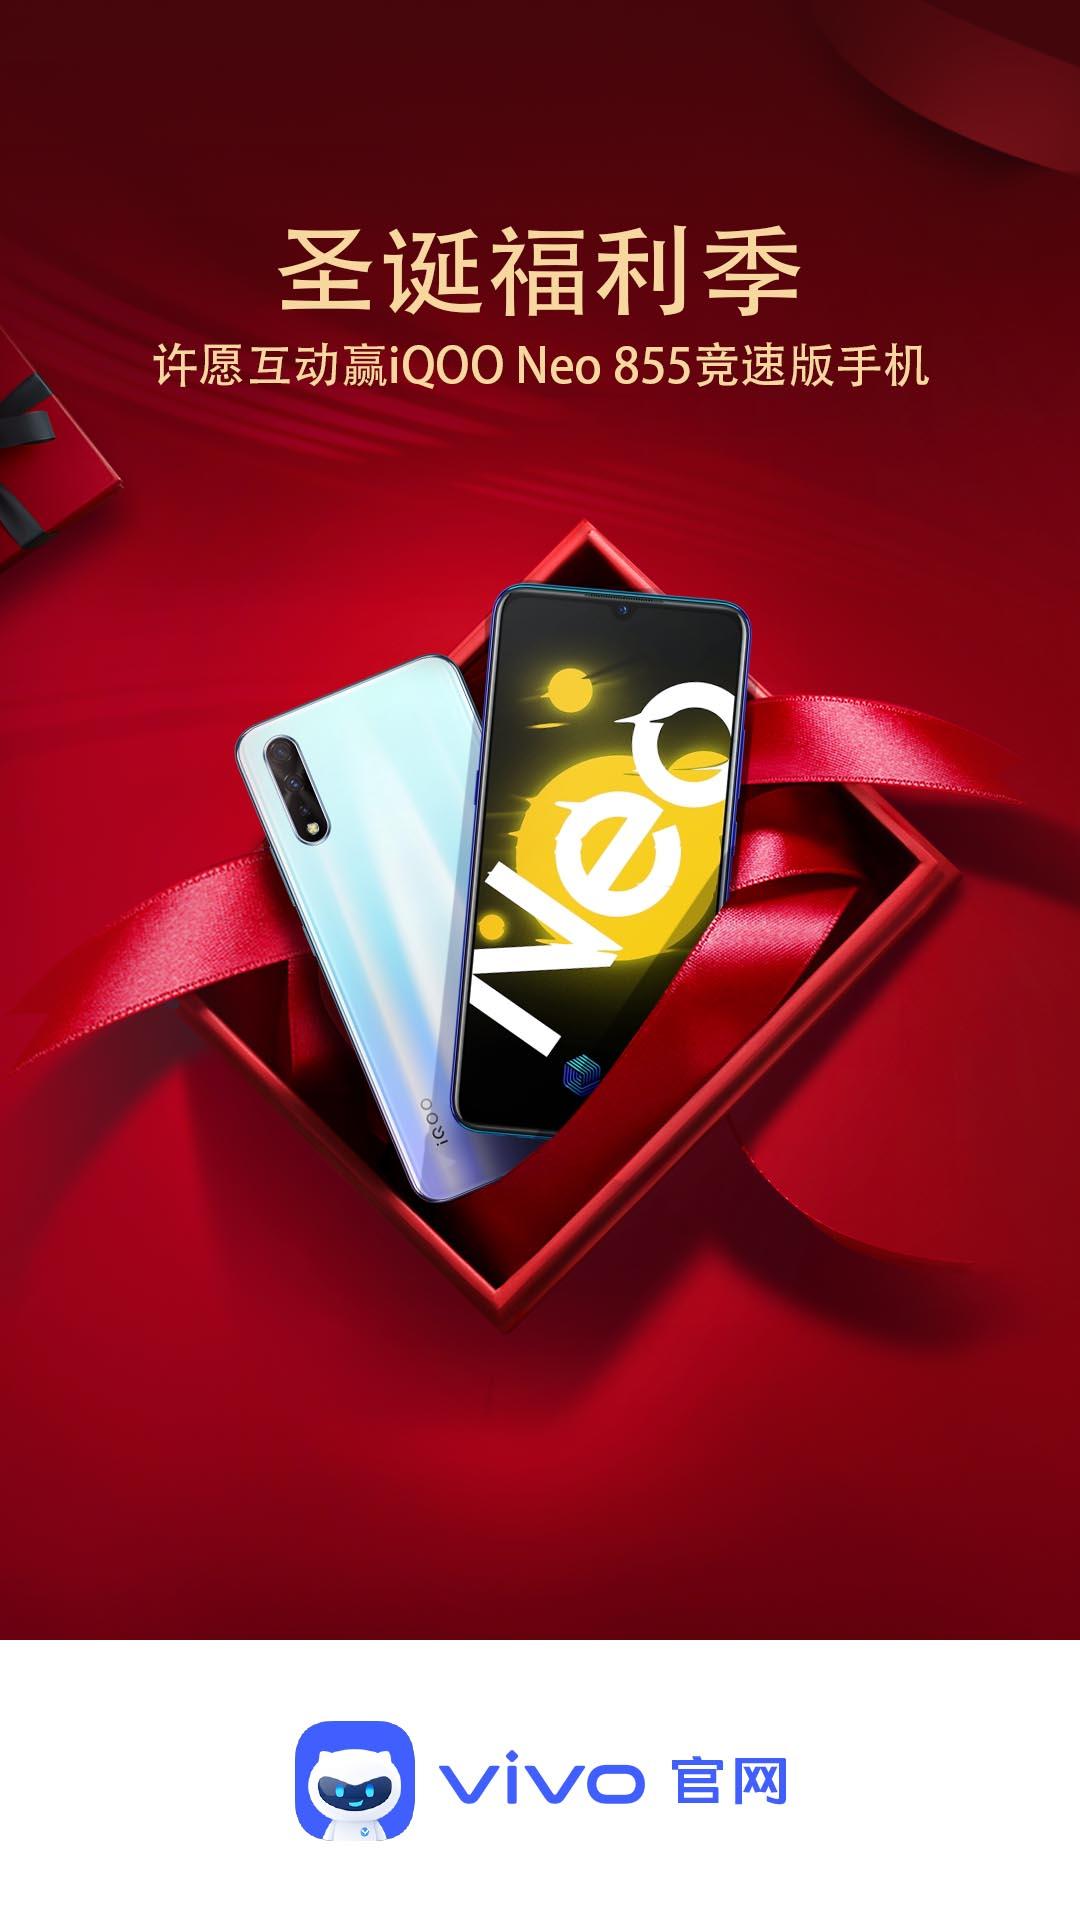 圣诞产品美图-iQOO 855 竞速版.jpg